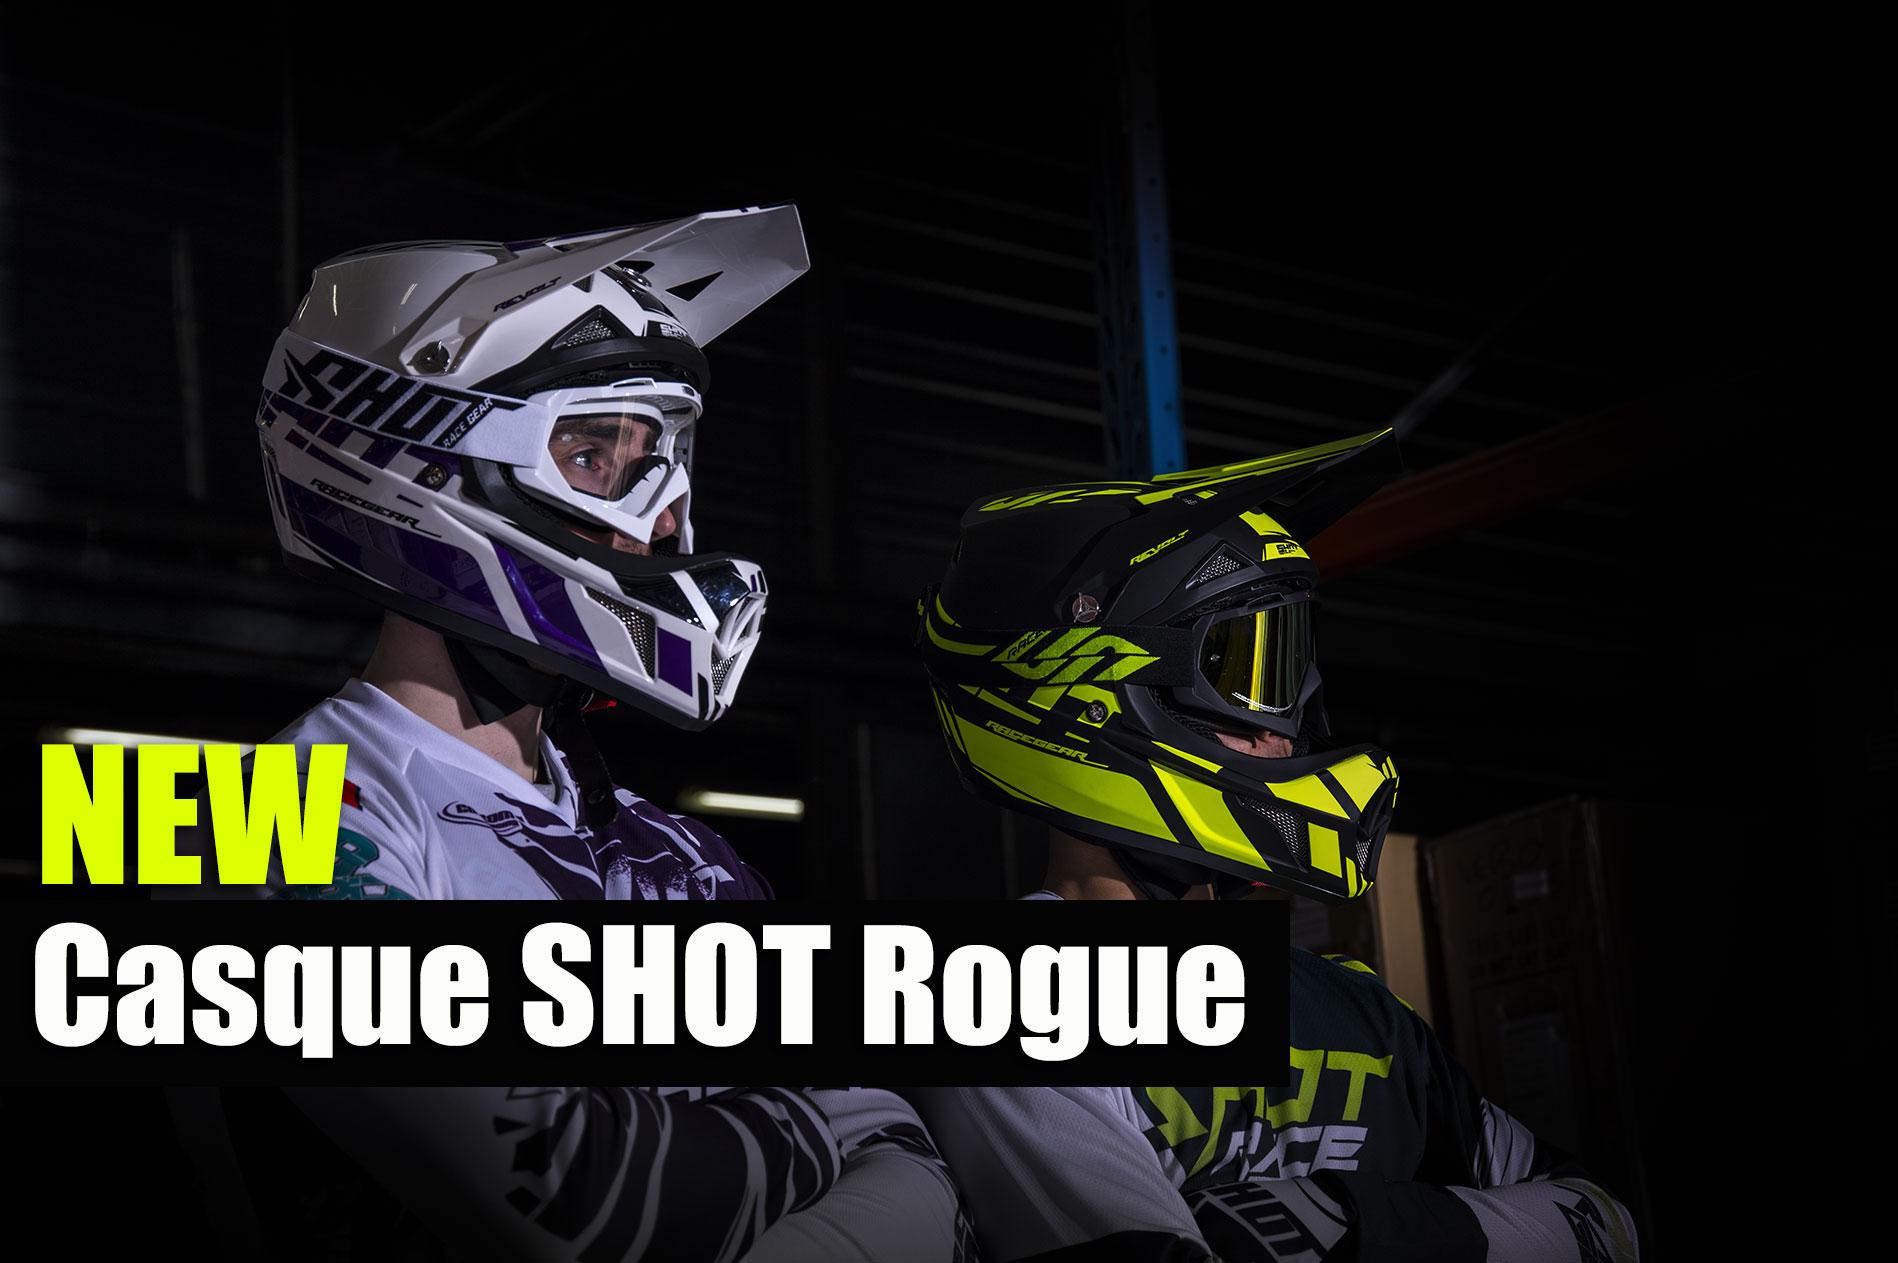 Nouveau casque SHOT Rogue